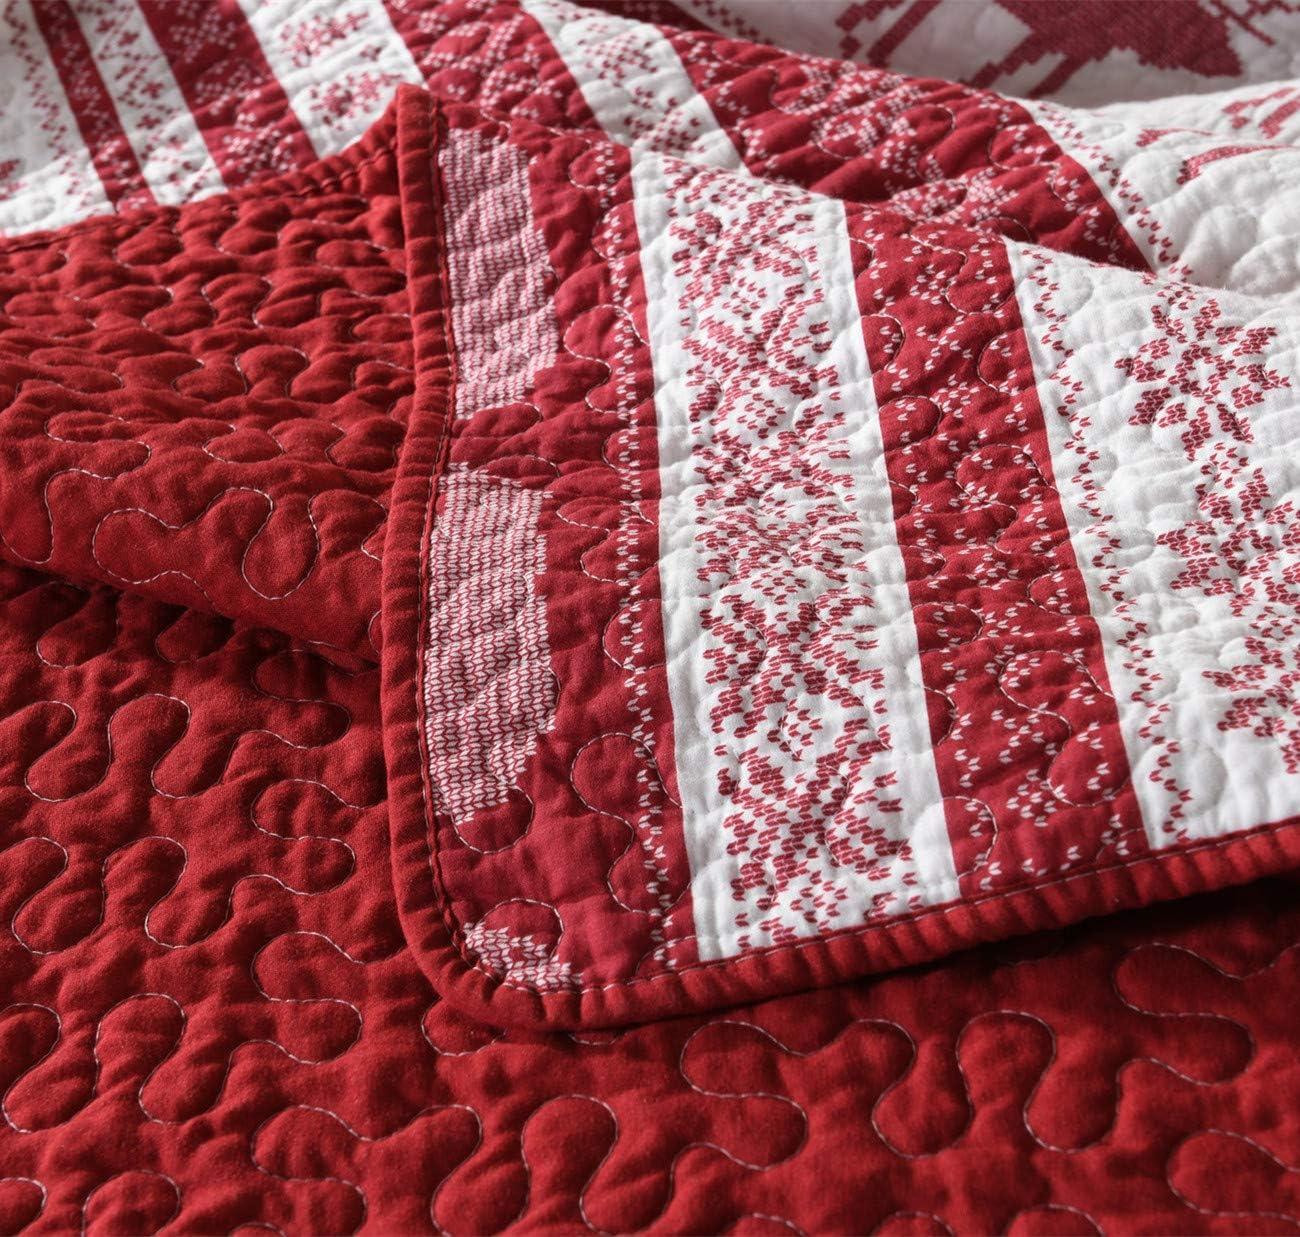 Qucover Couvre Lit 220x240 cm pour 2 Personnes avec 2 taies d'oreiller,Couverture,Reindeer,Matelassé Courtepointe en Coton 3 Pièces Rouge-220*240+2x50*70cm